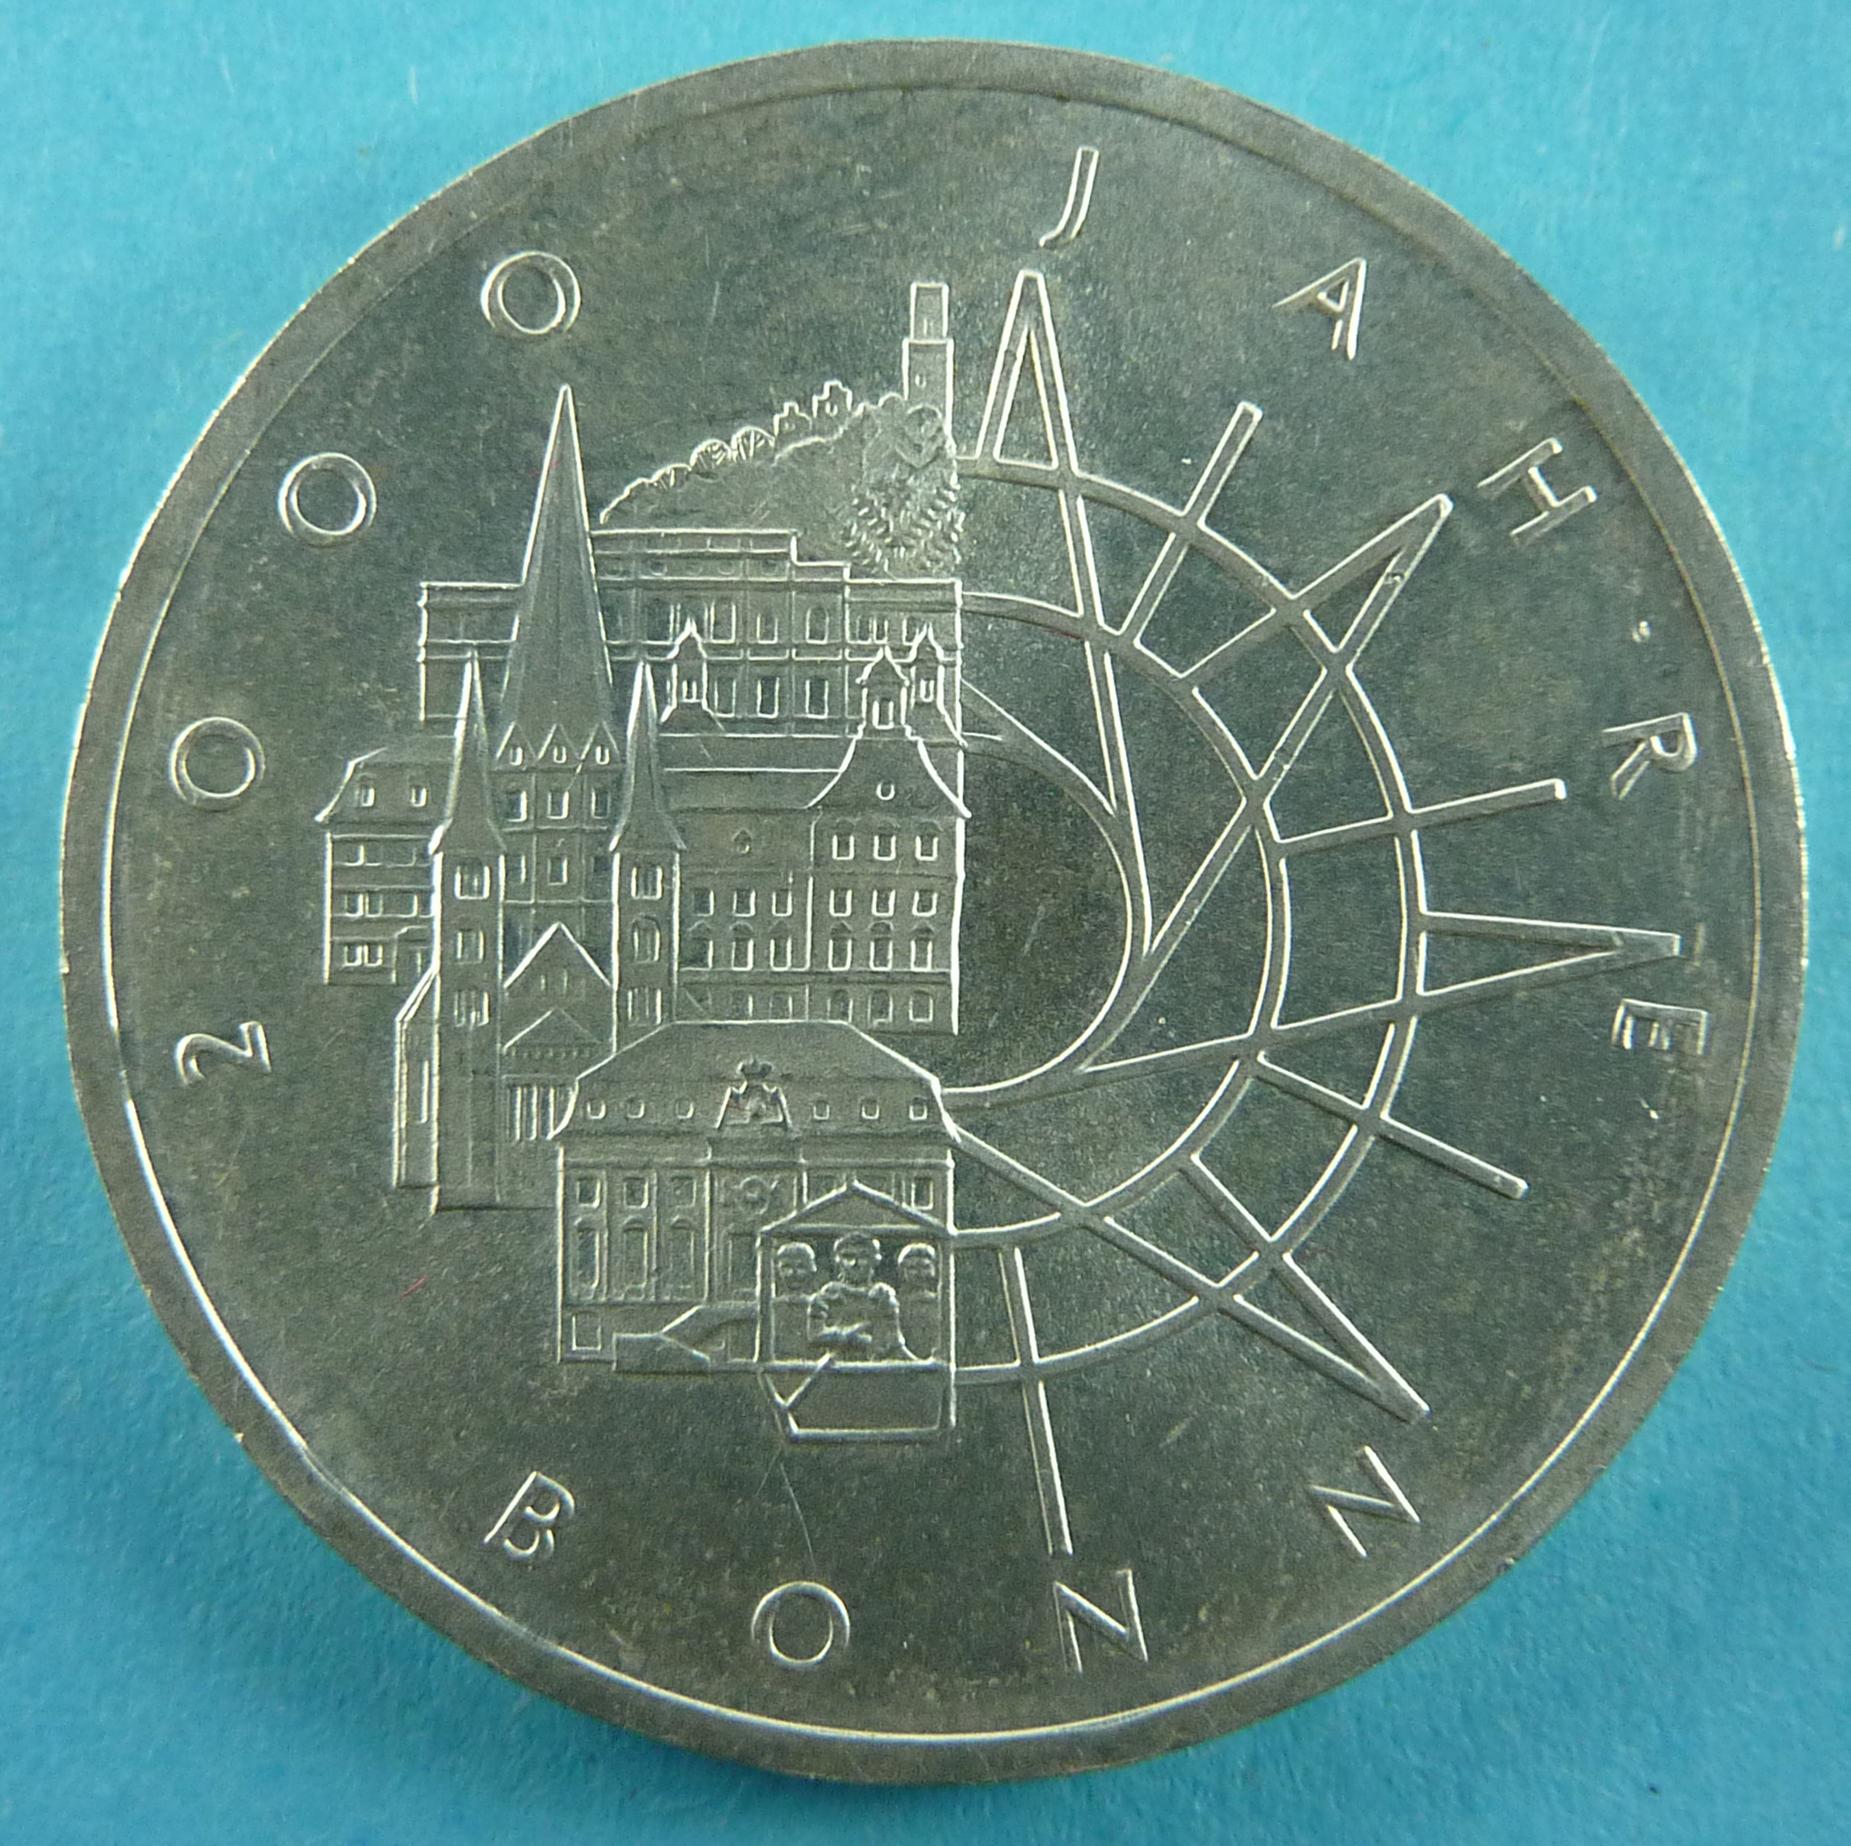 Münzen Sammeln Geldmünzen Und Sammlerwert